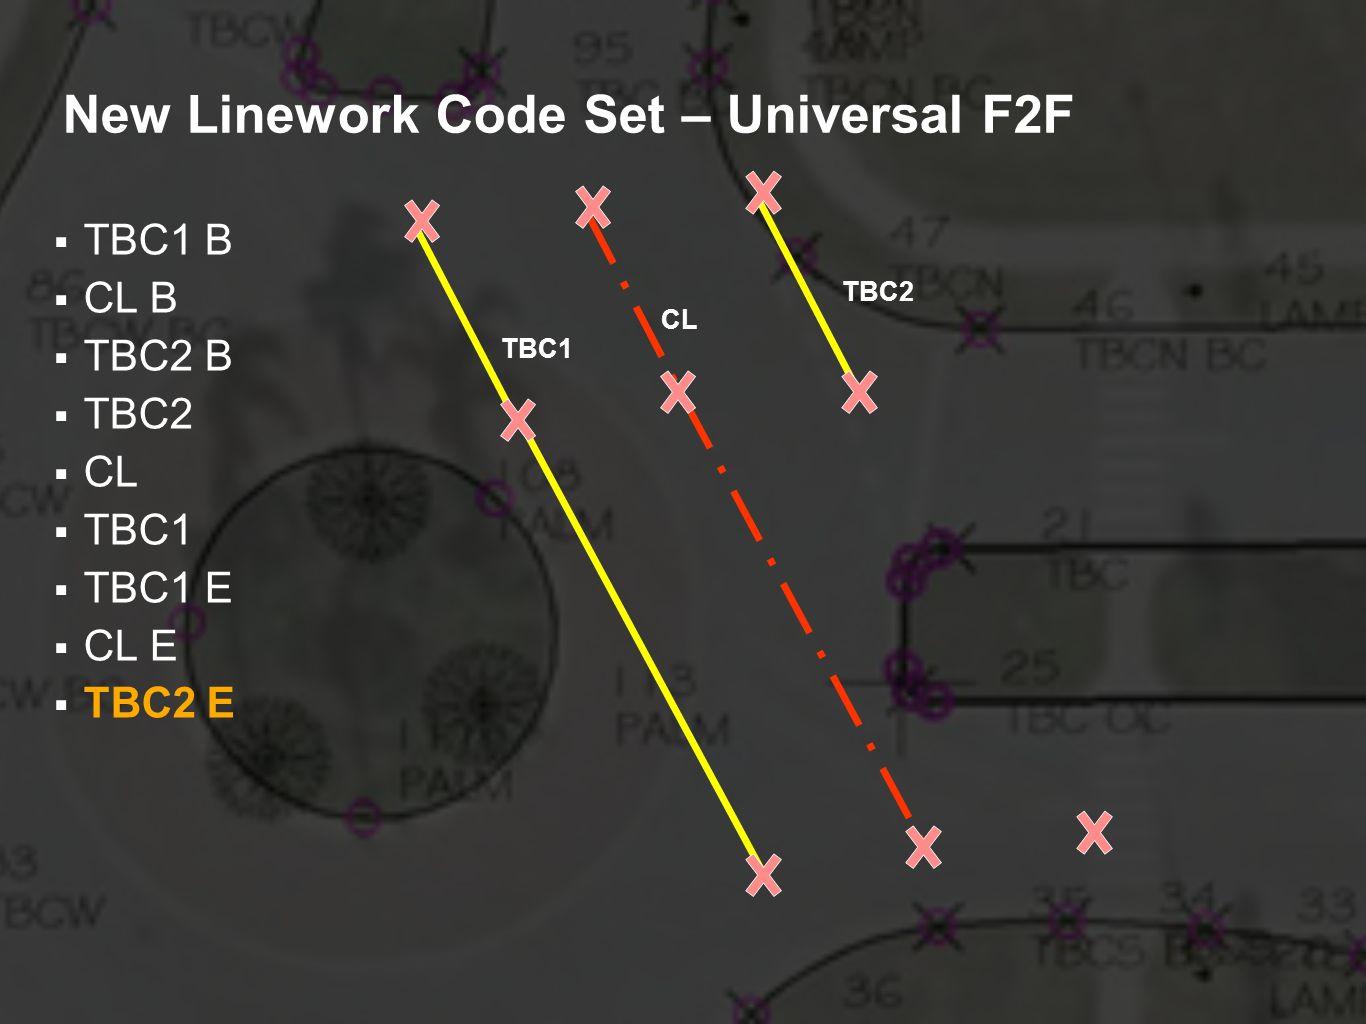 New Linework Code Set – Universal F2F TBC1 B CL B TBC2 B TBC2 CL TBC1 TBC1 E CL E TBC2 E TBC2 CL TBC1